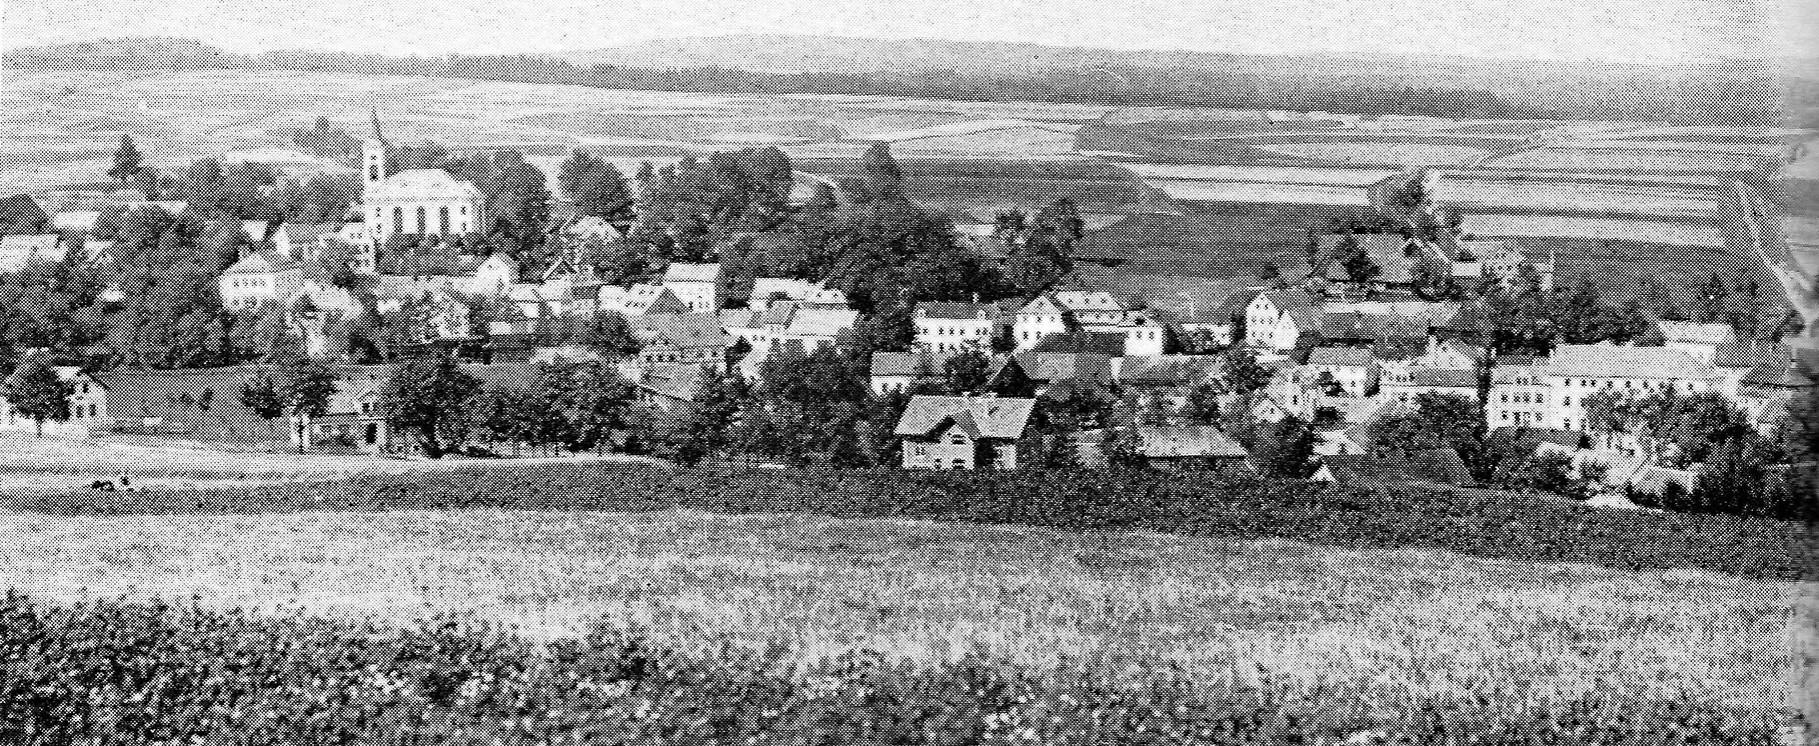 Westteil des Orts Fleißen im Egerland mit der 1834 erbauten Evangelischen Kirche